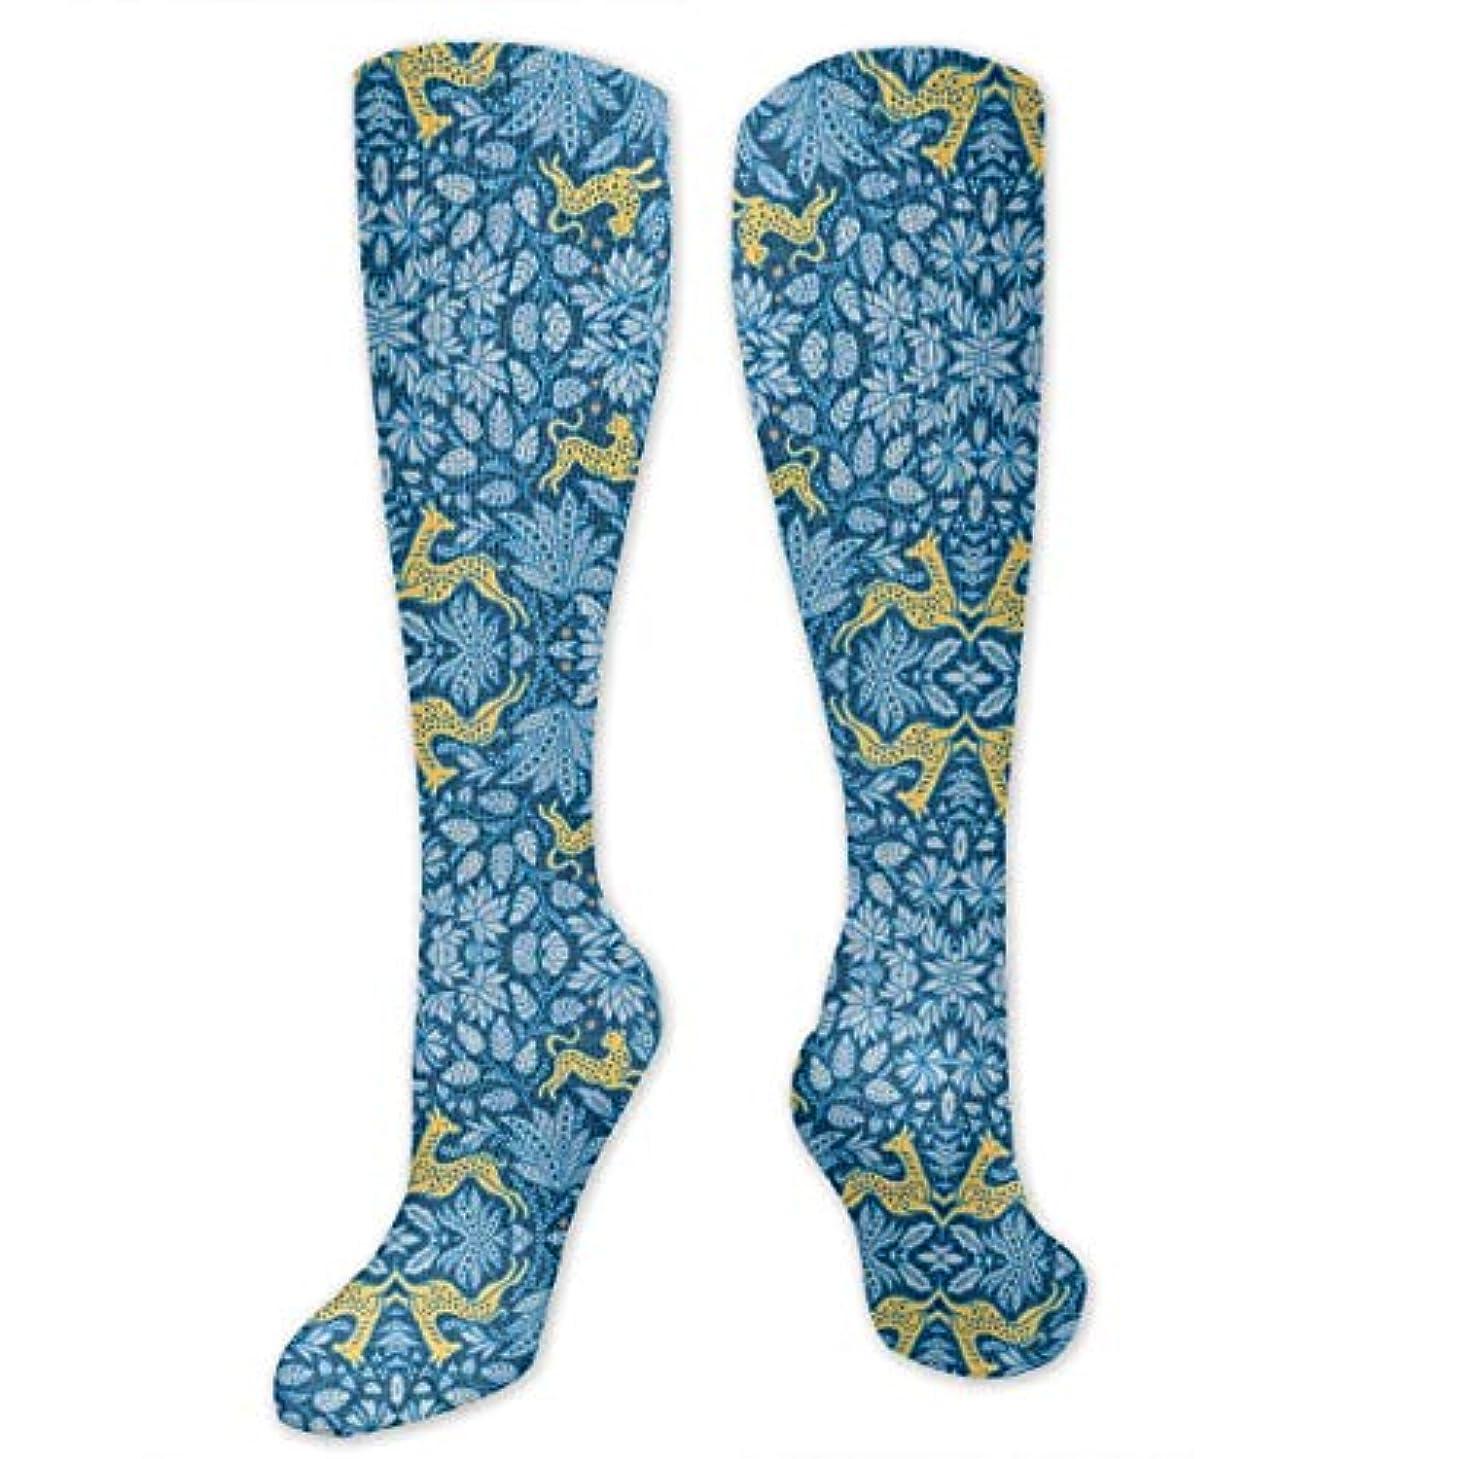 摩擦または身元靴下,ストッキング,野生のジョーカー,実際,秋の本質,冬必須,サマーウェア&RBXAA Small Deer Cat Socks Women's Winter Cotton Long Tube Socks Cotton...